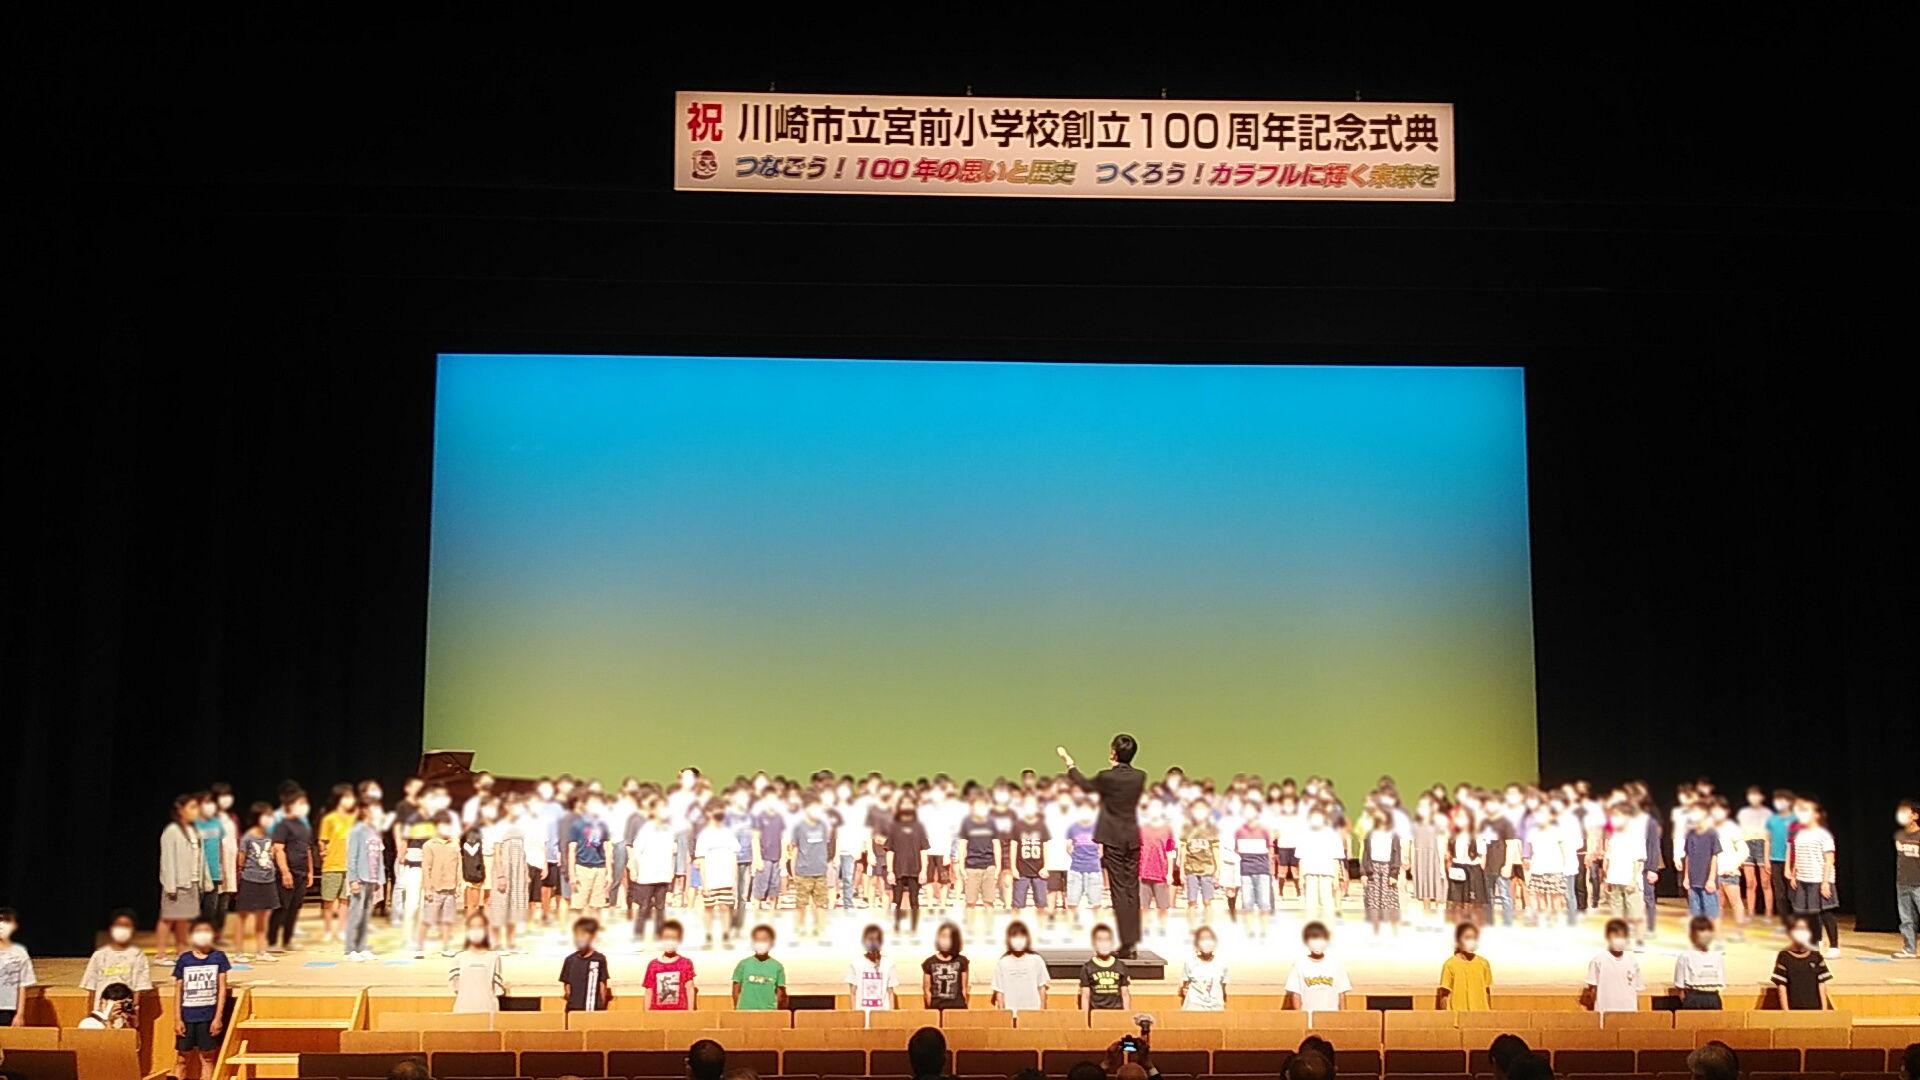 7月3日(土)<宮前小創立100周年記念式典に友風勇太君からビデオレター届く>